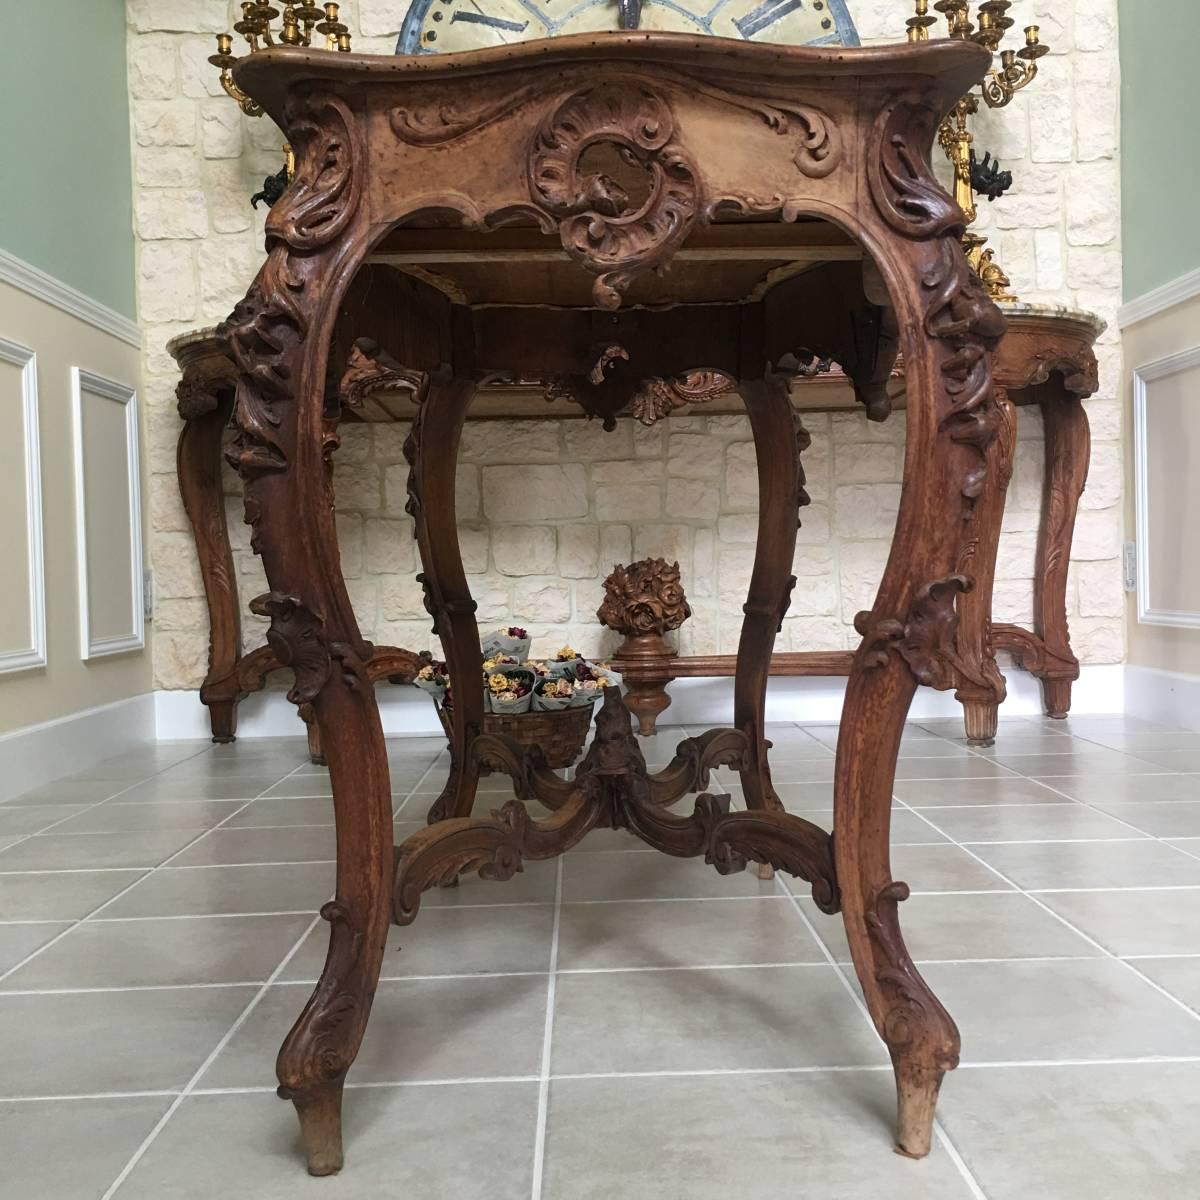 フランスアンティーク テーブル アンティークテーブル 19世紀 コンソールテーブル ルイ15世様式 ロココ様式 アンティーク家具_画像4